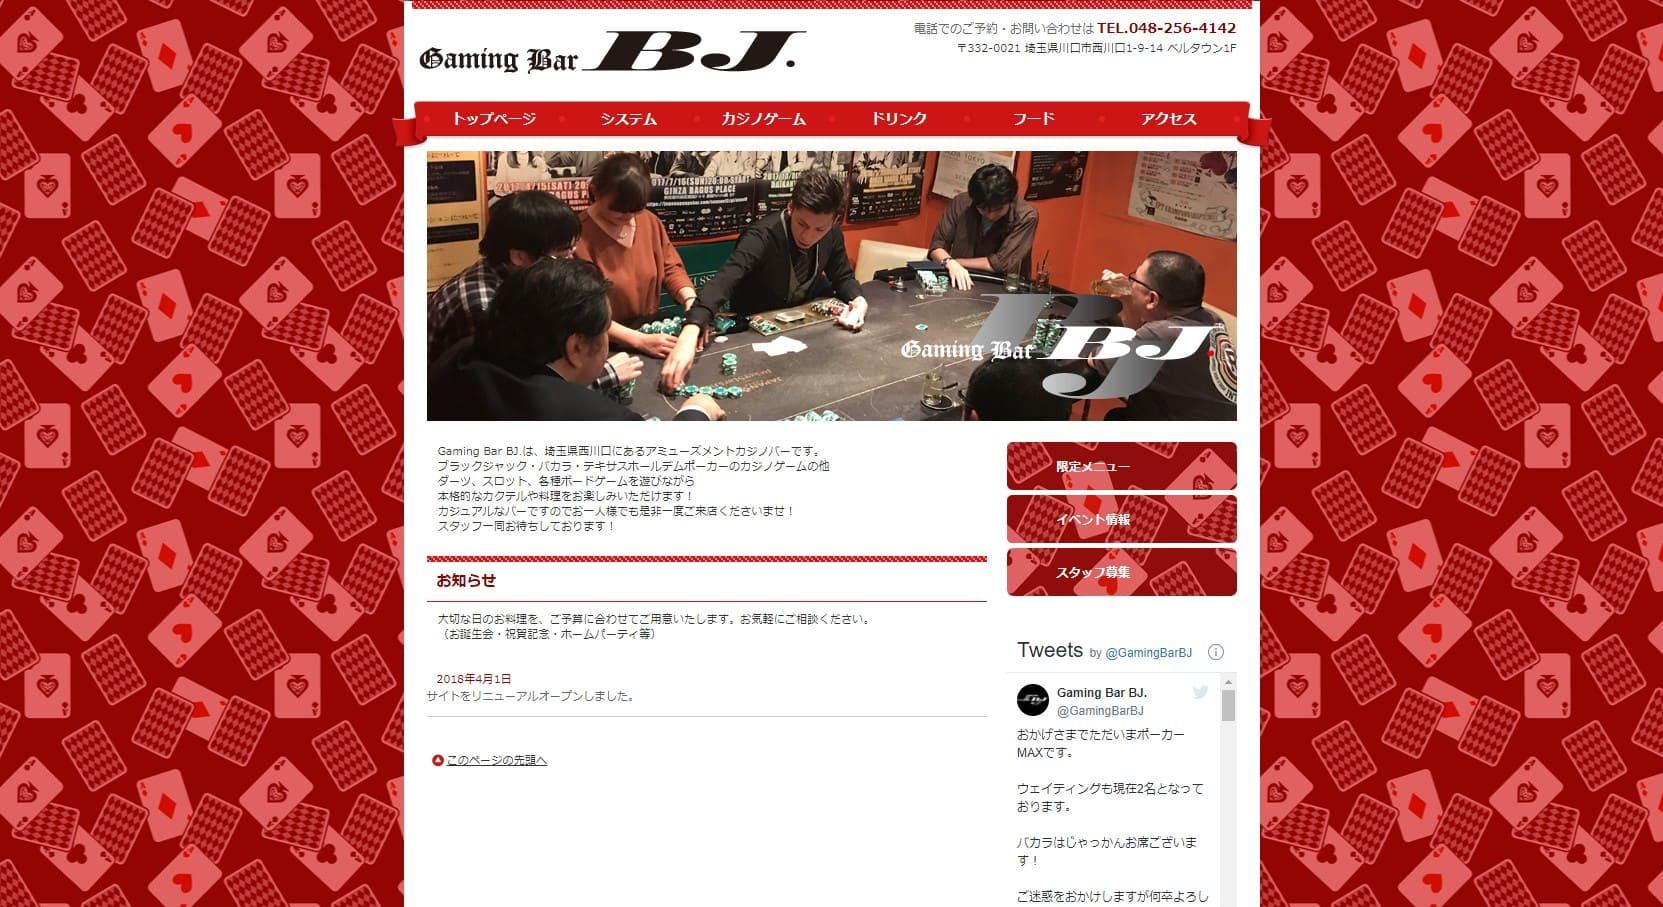 Gaming Bar BJのウェブサイト画像。